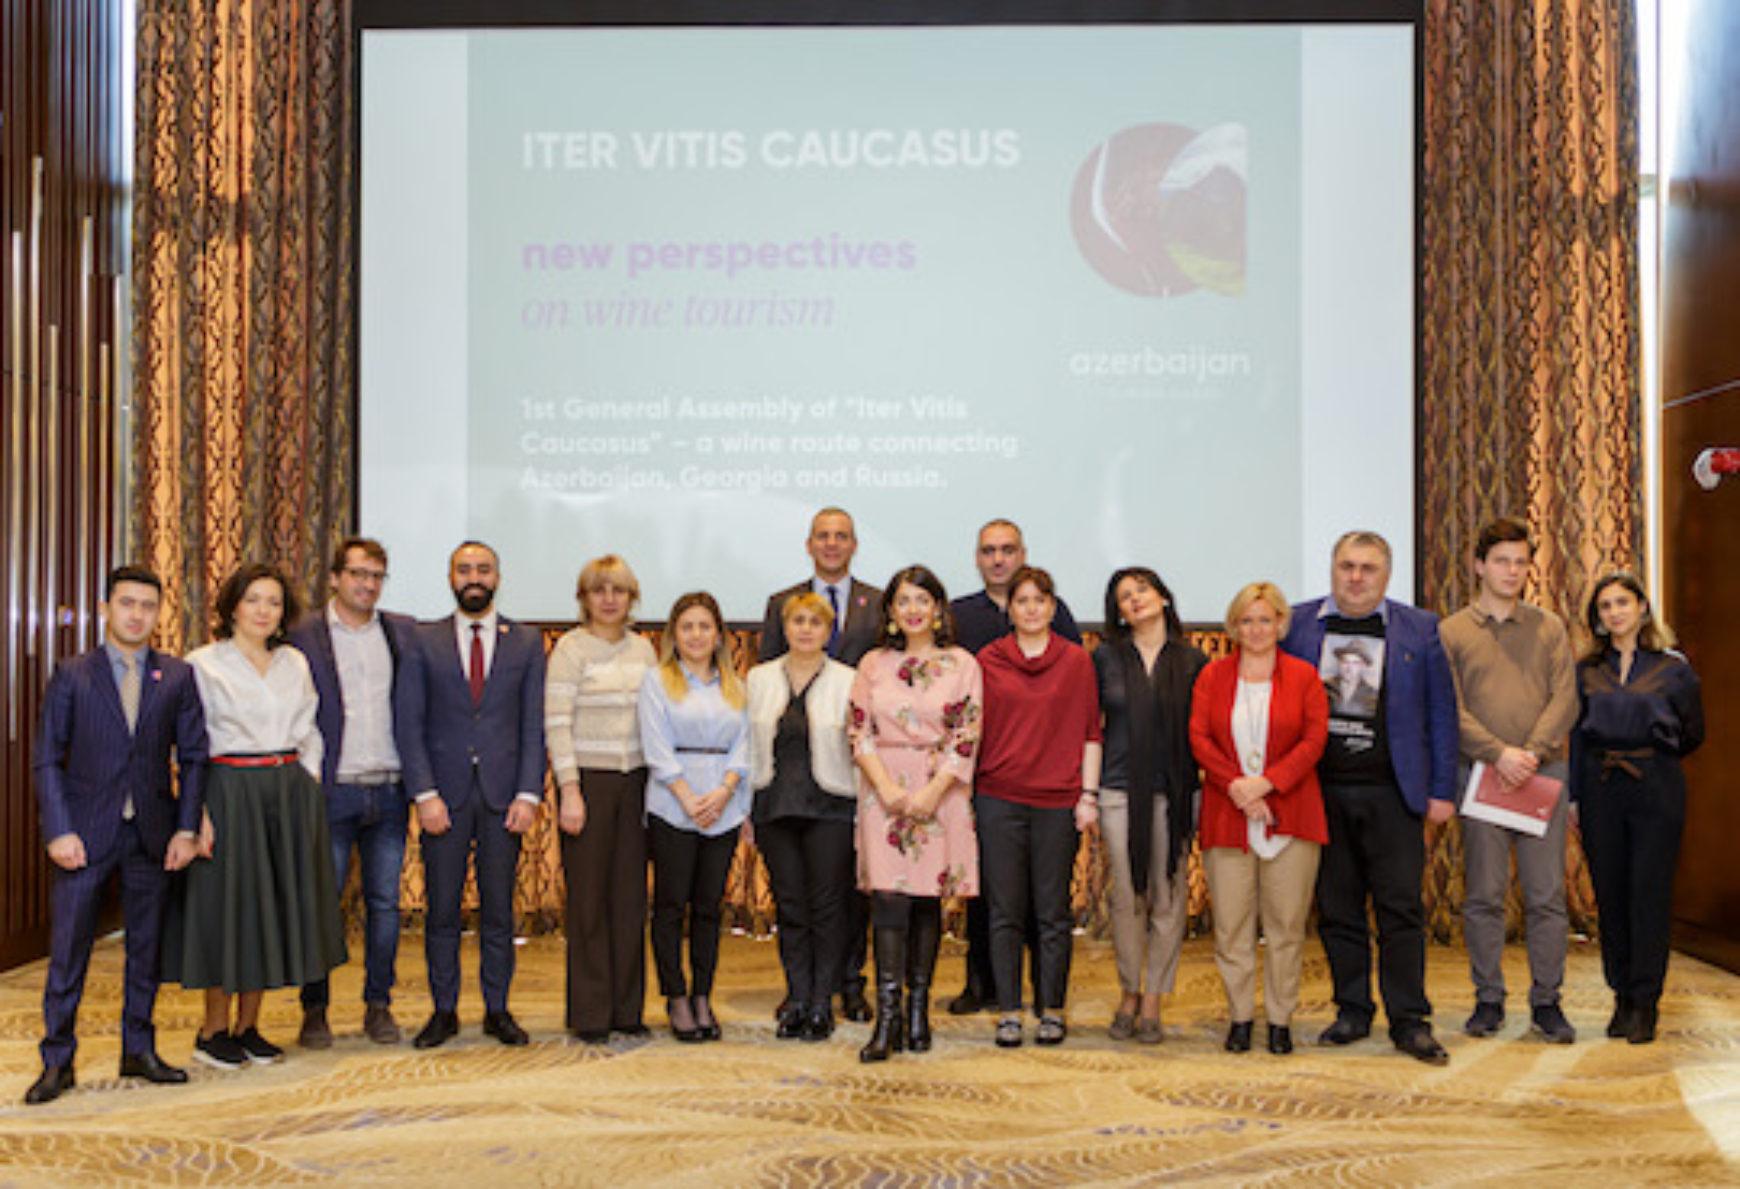 Iter Vitis Caucasus begins with honourable principles